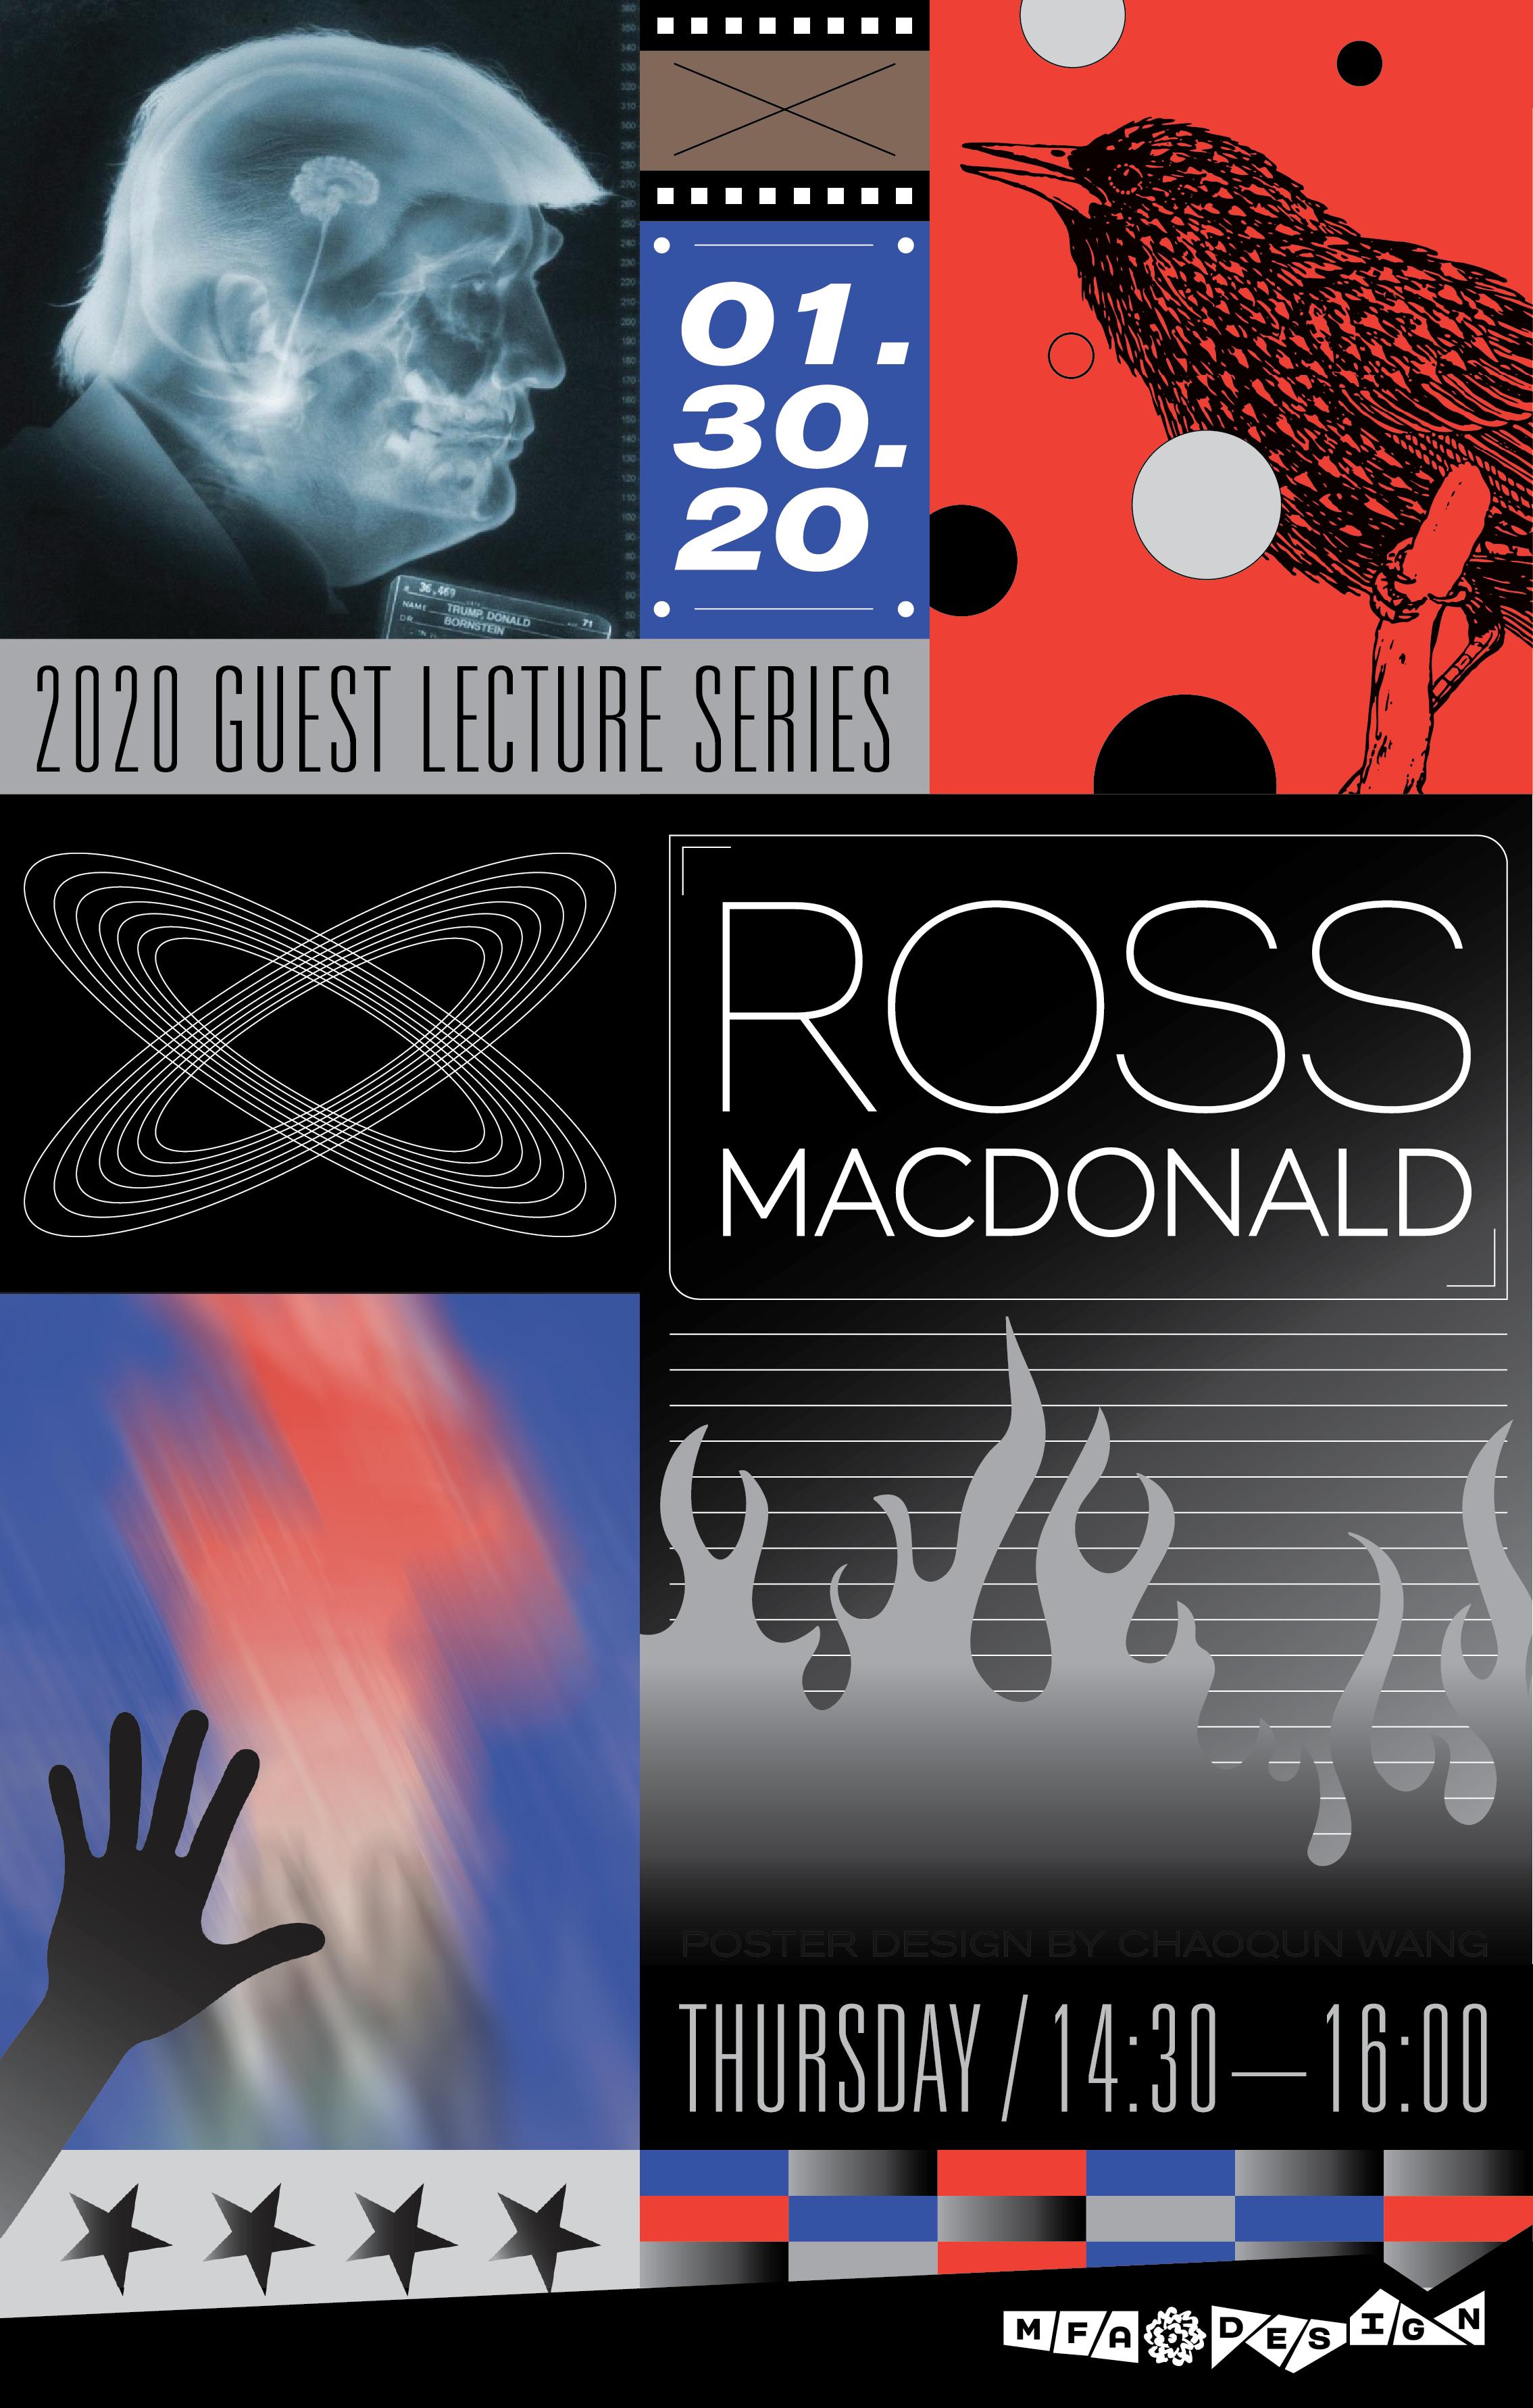 Ross MacDonald lecture poster by Chaoqun Wang